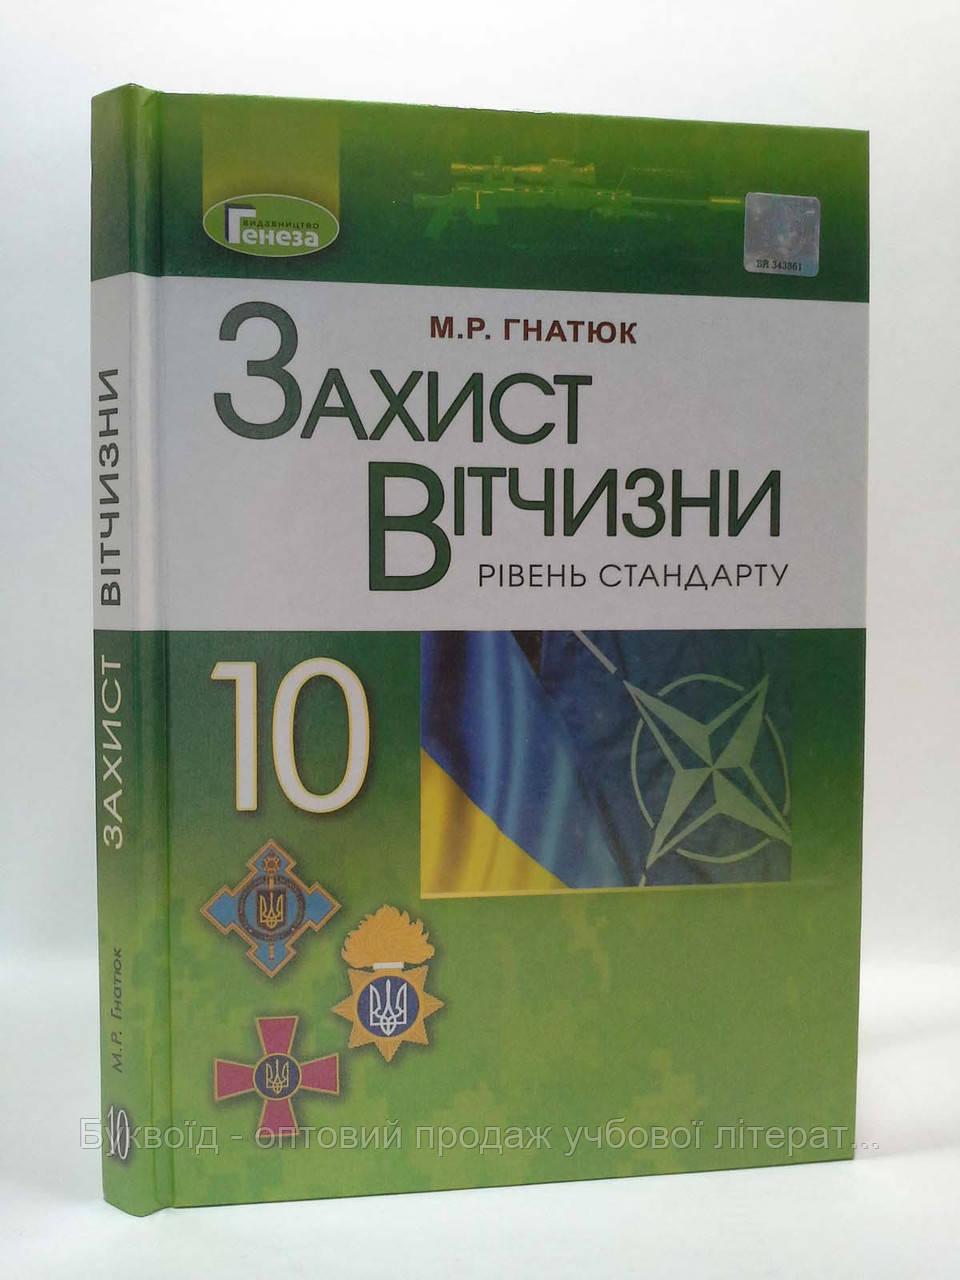 Захист Вітчизни 10 клас Підручник Гнатюк Генеза ISBN 978-966-11-0185-1